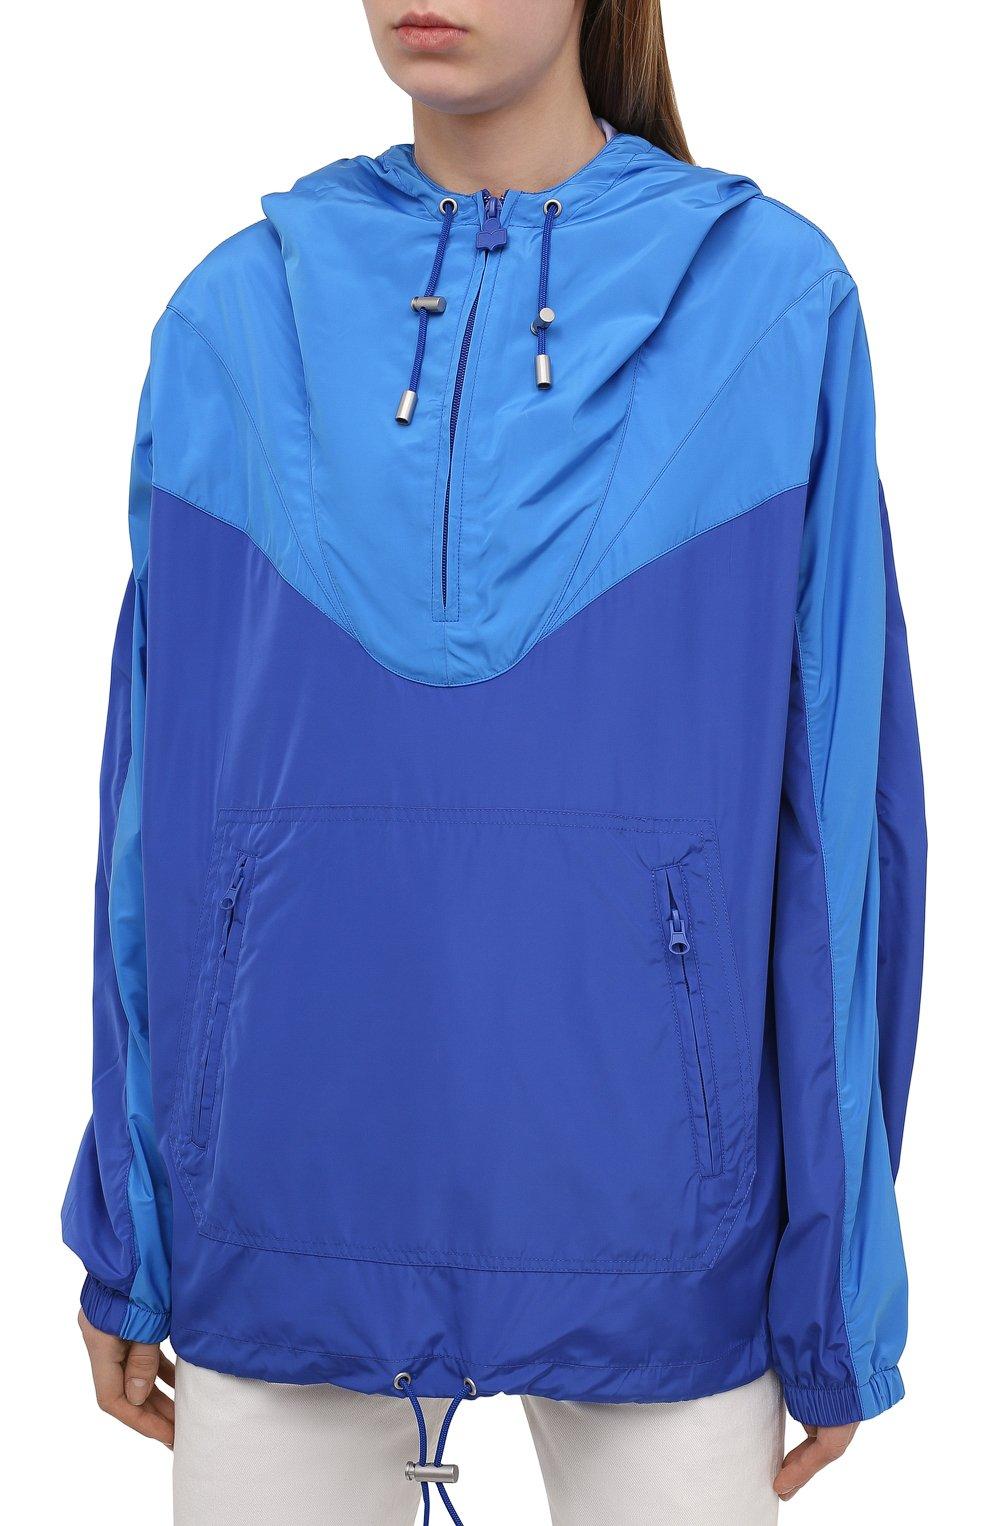 Женская анорак ISABEL MARANT ETOILE синего цвета, арт. MA0930-21P001W/RICHILI | Фото 3 (Кросс-КТ: Куртка, Ветровка; Рукава: Длинные; Женское Кросс-КТ: Куртка-спорт; Материал внешний: Синтетический материал; Стили: Спорт-шик; Длина (верхняя одежда): Короткие)